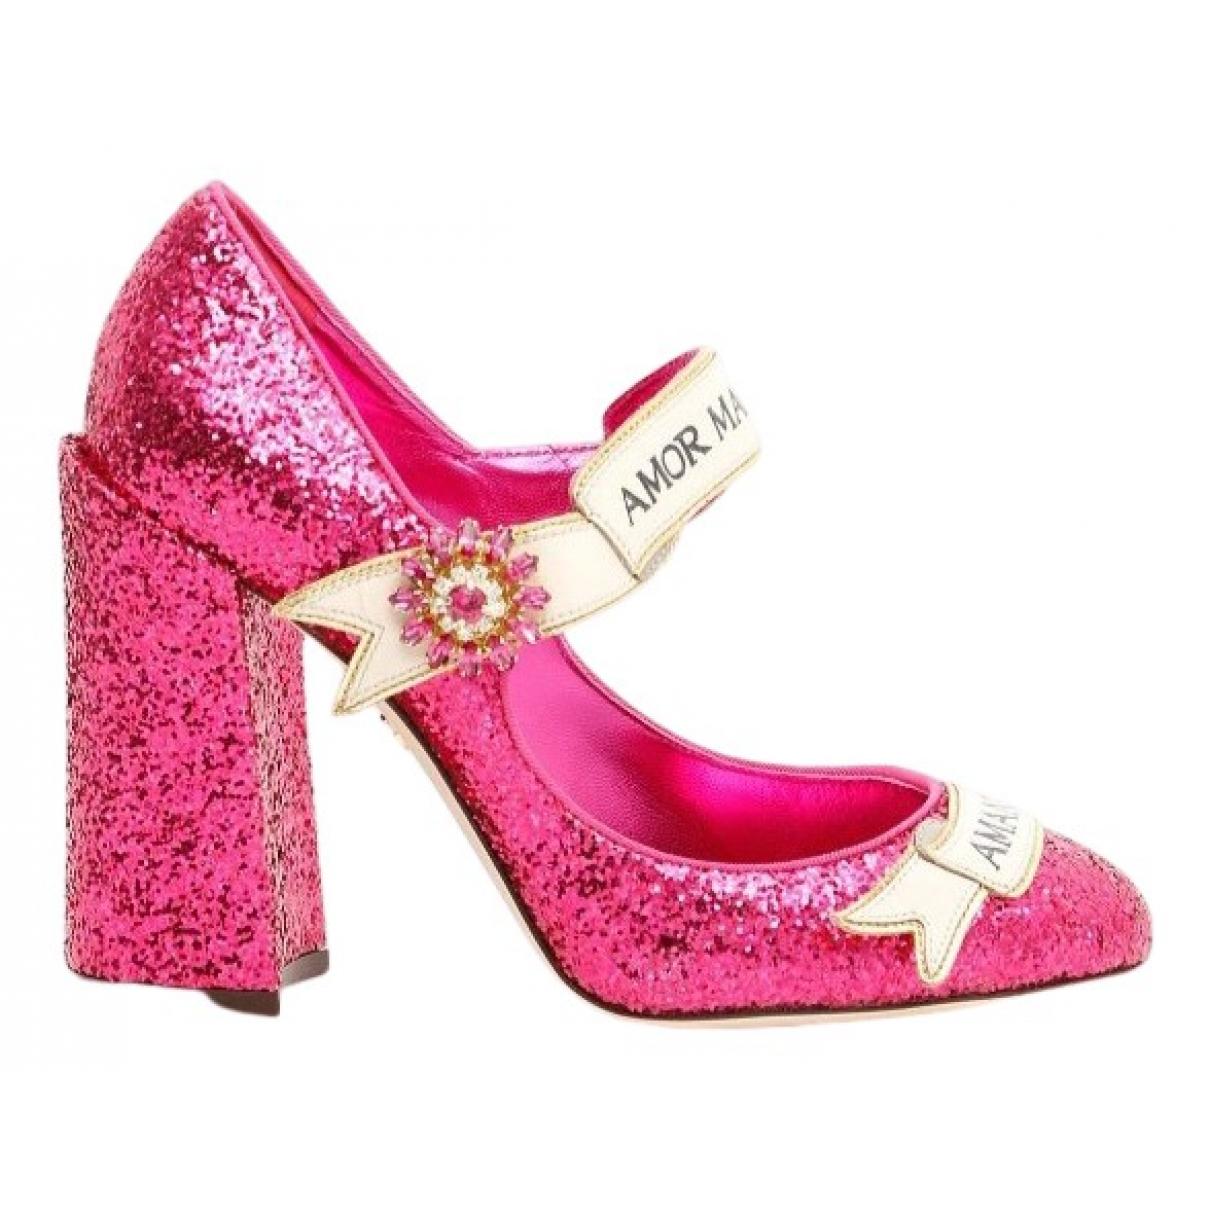 Dolce & Gabbana - Escarpins   pour femme en a paillettes - rose